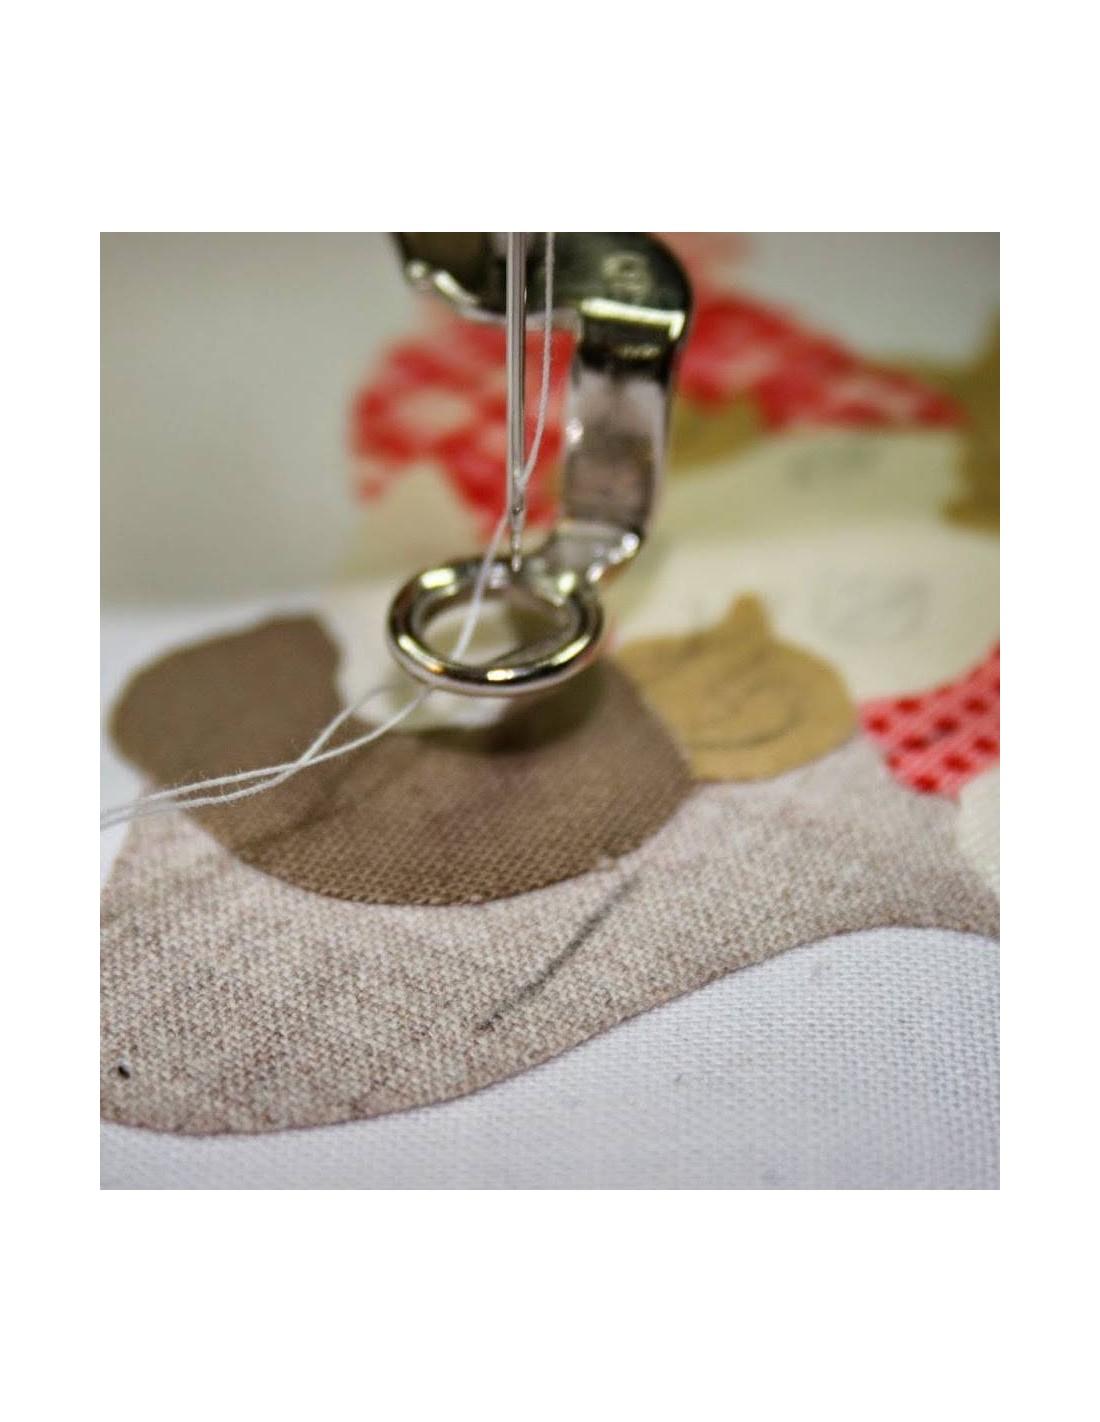 Macchina da cucire come scegliere piedini filo e aghi for Macchina da cucire